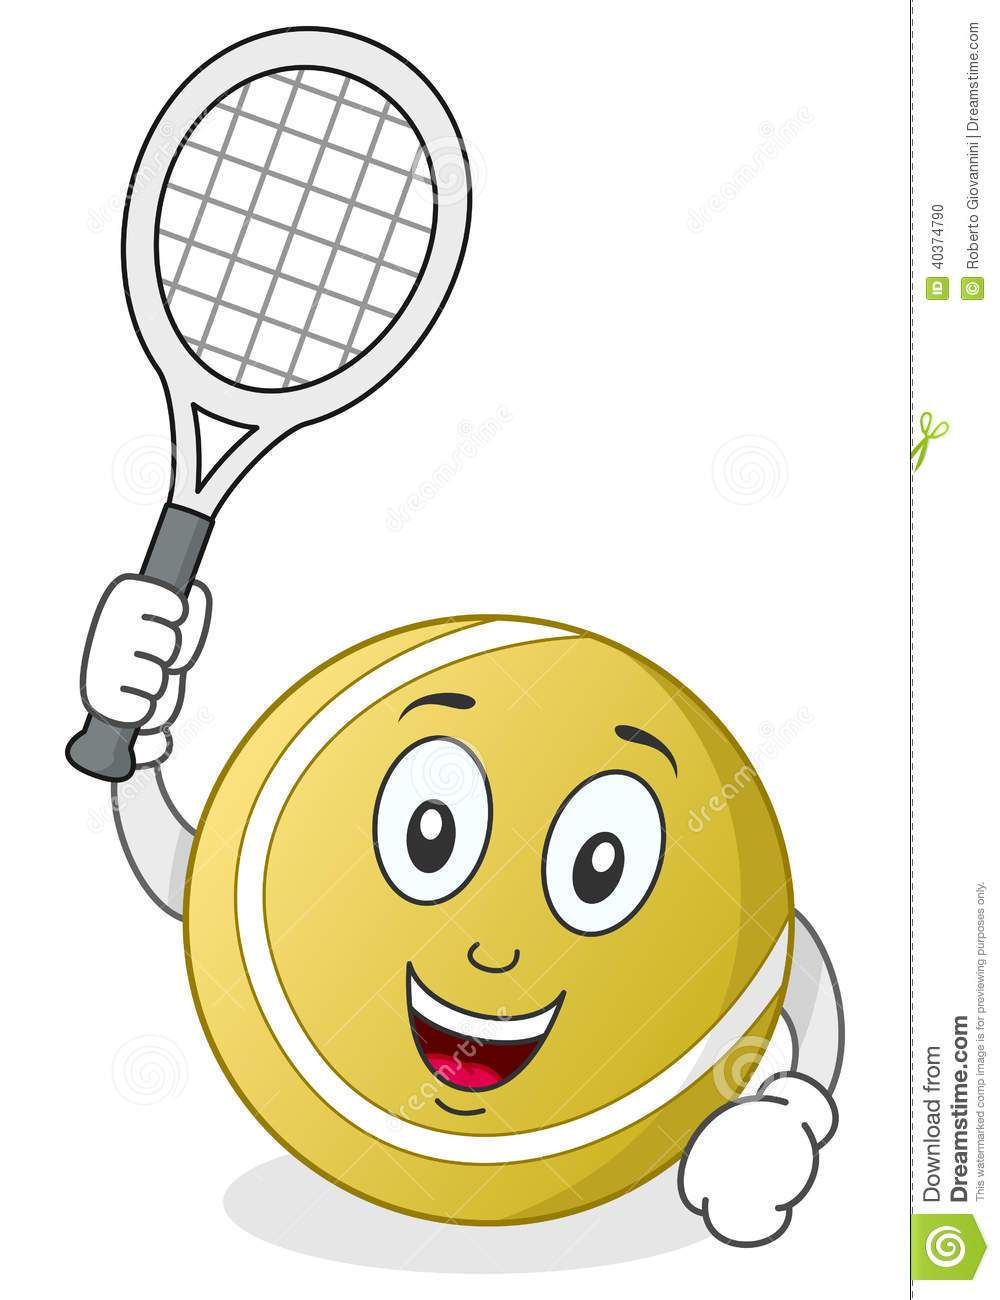 Funny tennis clipart 5 » Clipart Portal.